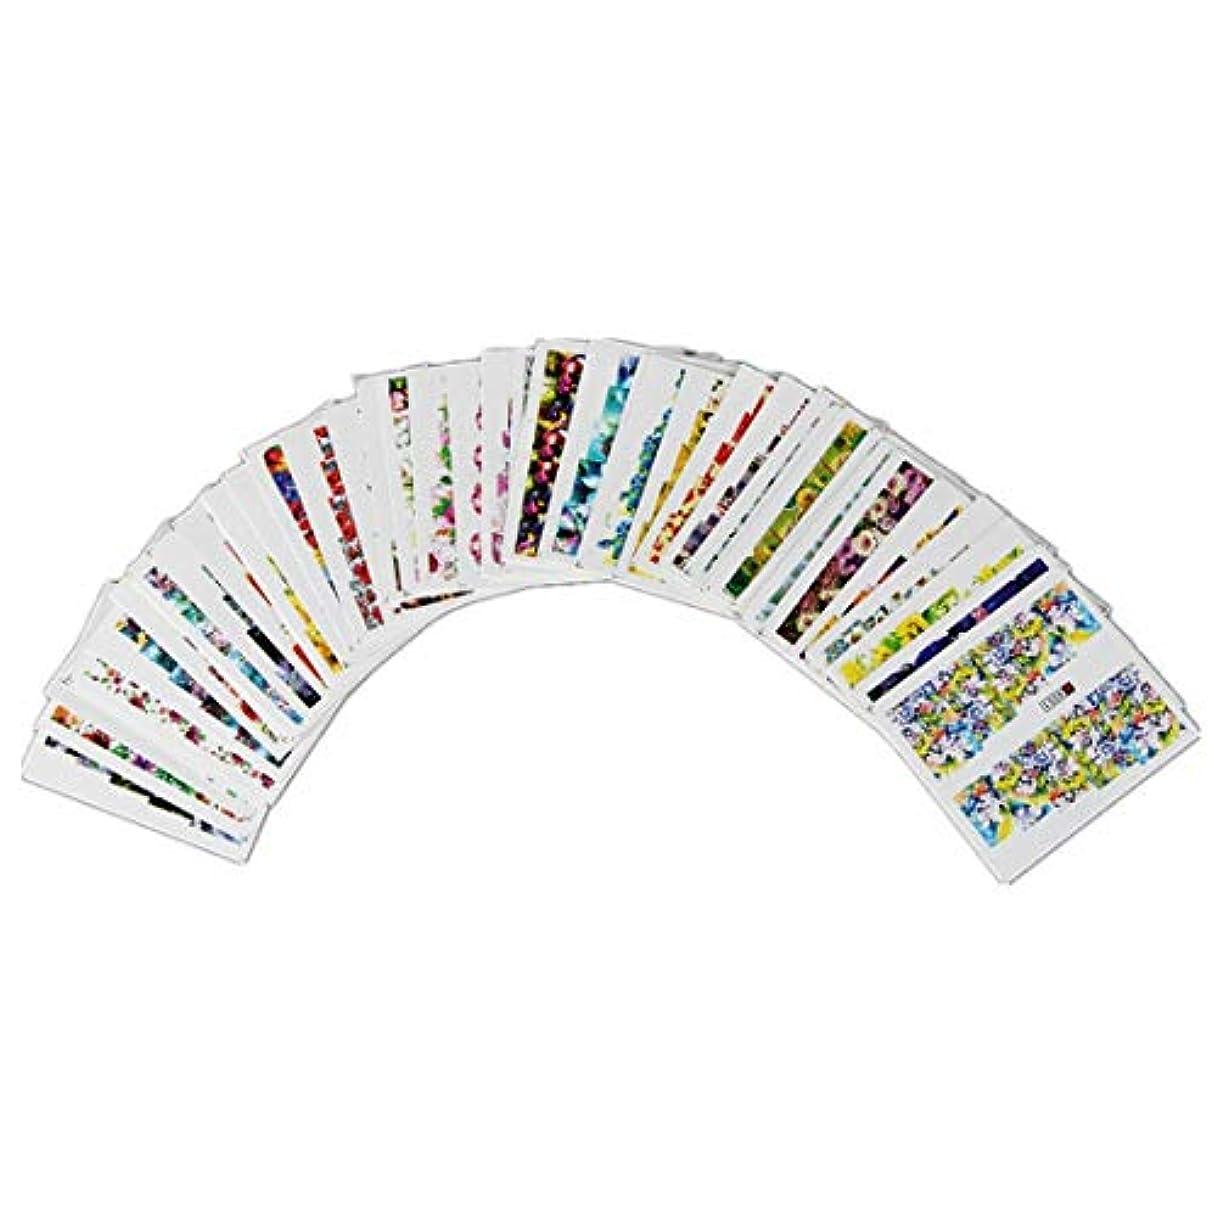 見る人氷ナースKerwinner 50枚ネイルステッカー盛り合わせパターン水転写花フラワーステッカーセット女性用爪の装飾ネイルデカールネイルアートアクセサリーマニキュアチャームヒント